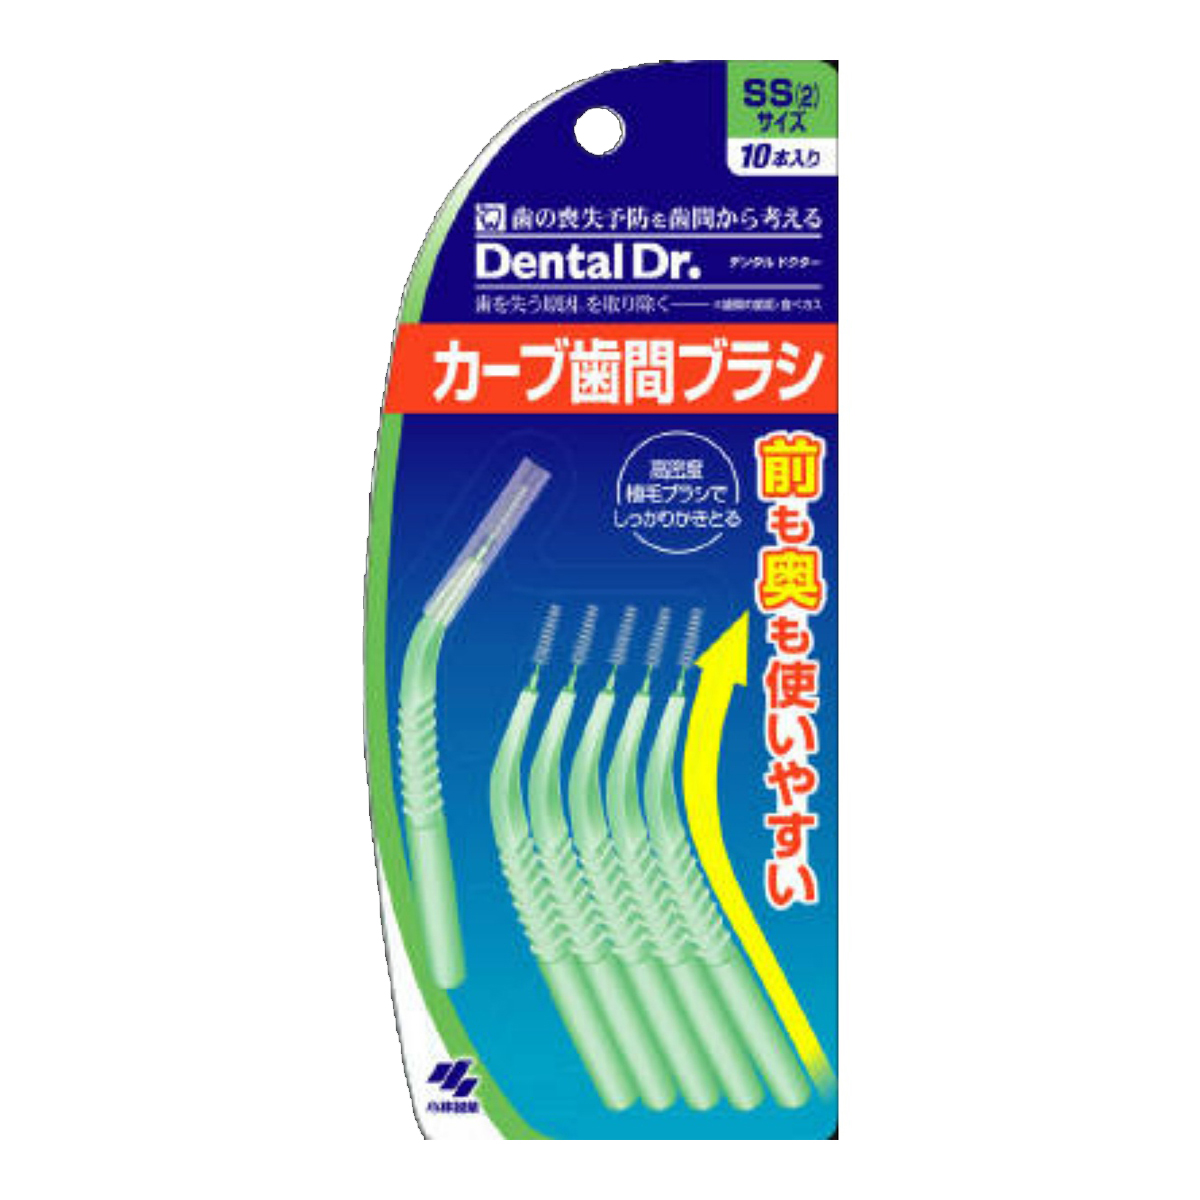 【送料無料】小林製薬 Dental Dr. カーブ歯間ブラシ SS 10本入×72点セット まとめ買い特価!ケース販売 ( 4987072062838 )